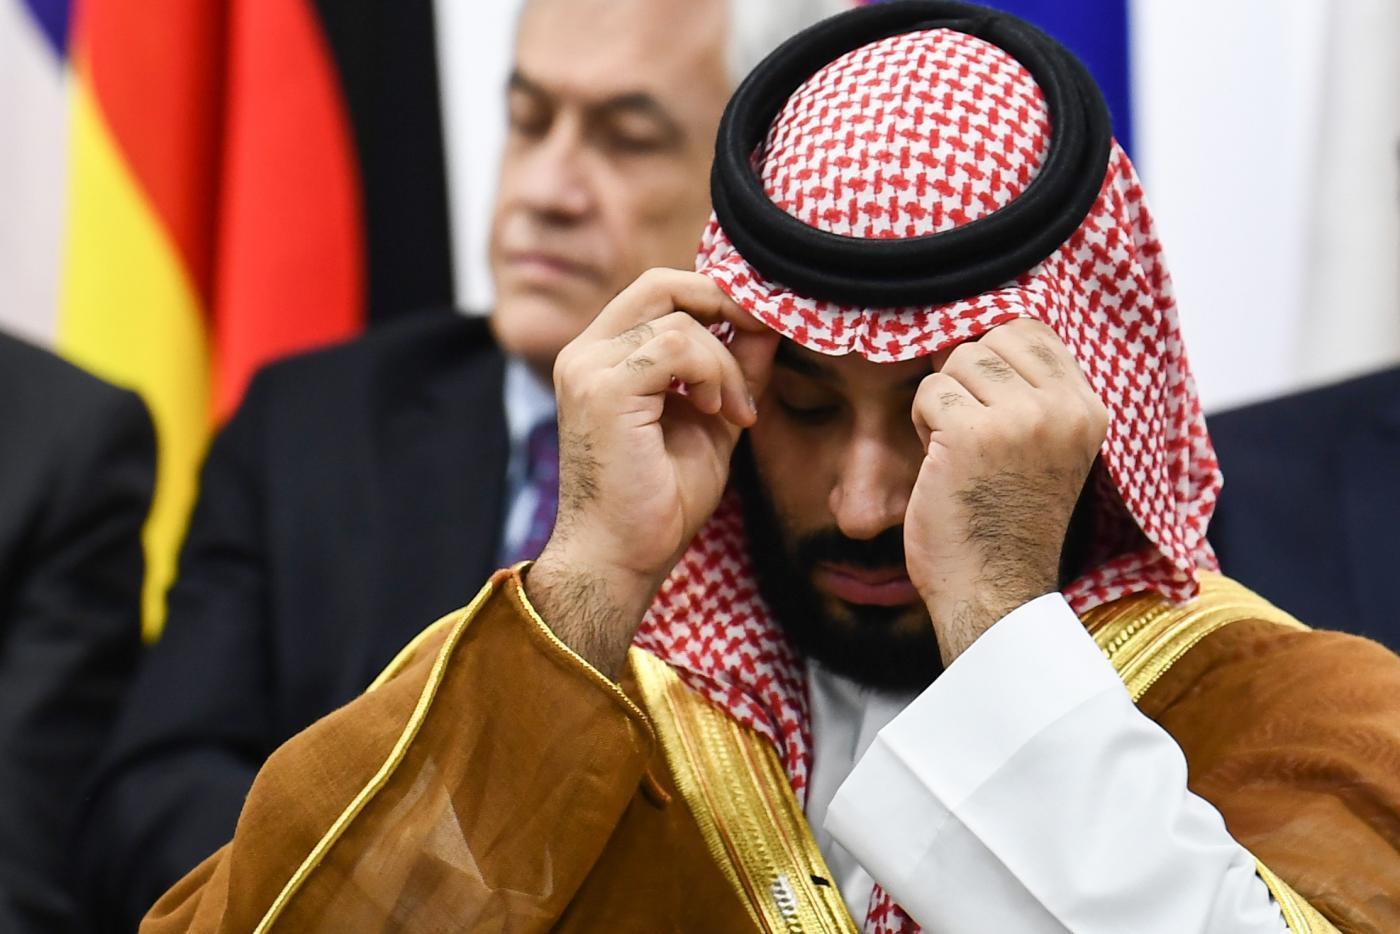 prince saoudien cherche femme rencontre avec femme bresilienne